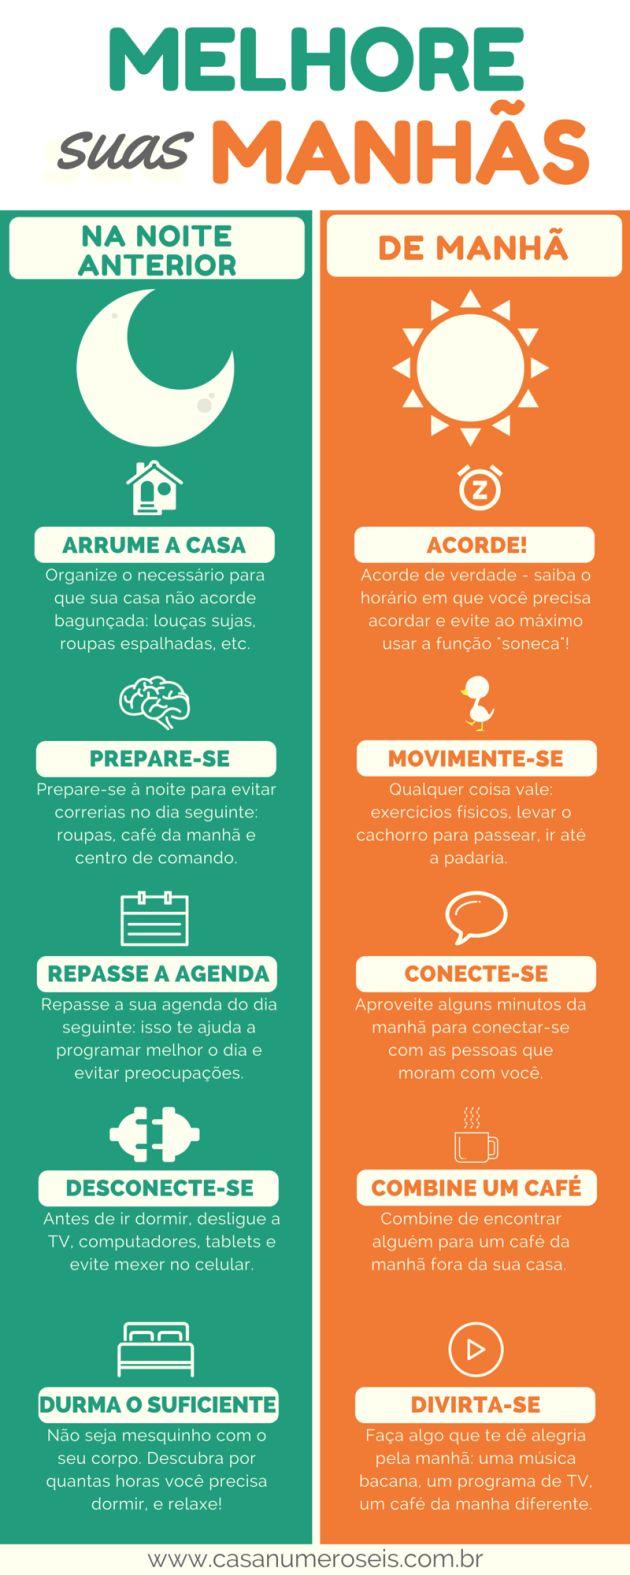 Infográfico - 10 maneiras fáceis para melhorar suas manhãs